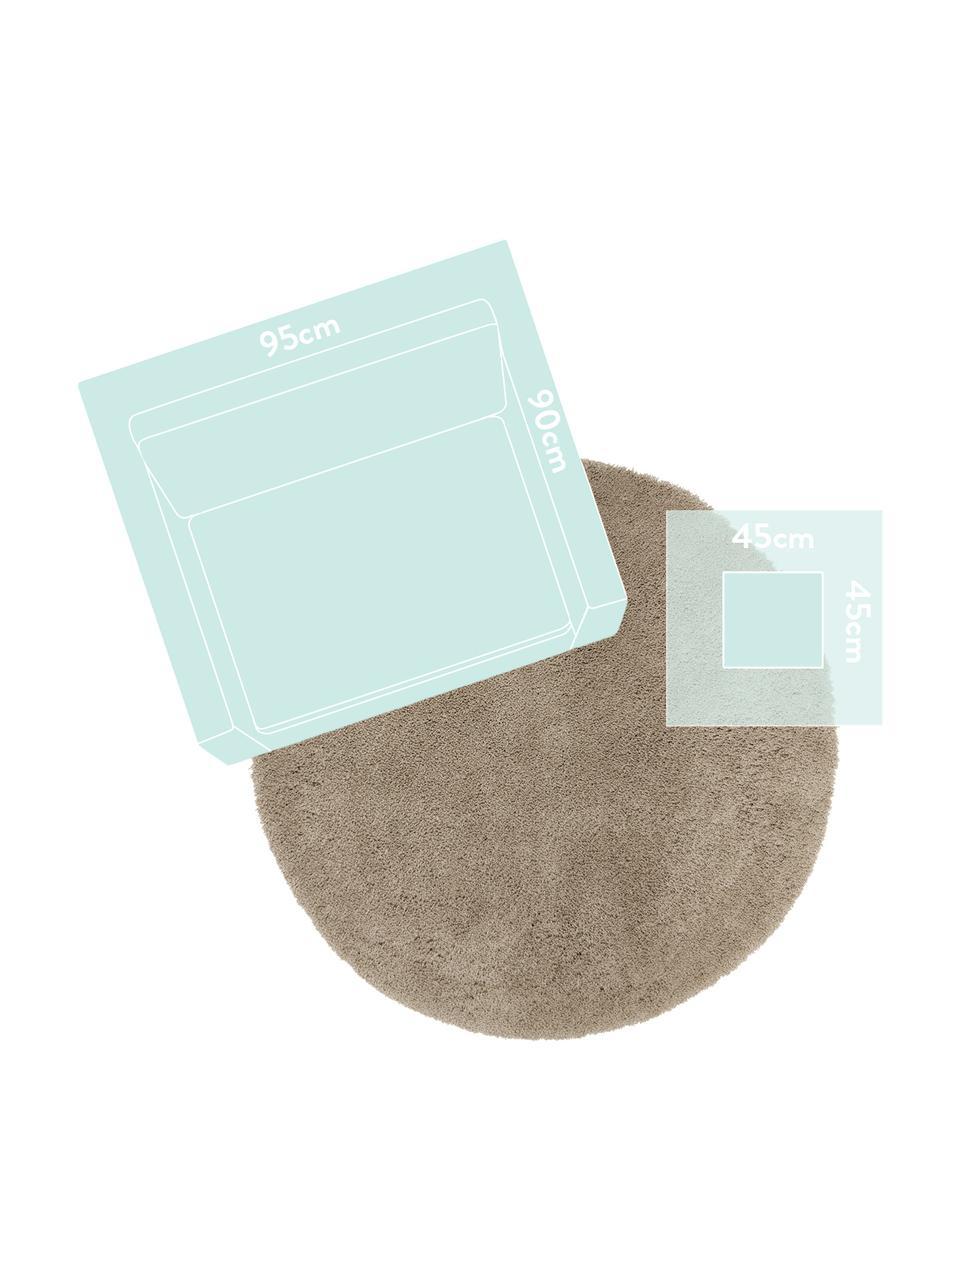 Flauschiger runder Hochflor-Teppich Leighton in Beige, Flor: Mikrofaser (100% Polyeste, Beige-Braun, Ø 200 cm (Größe L)